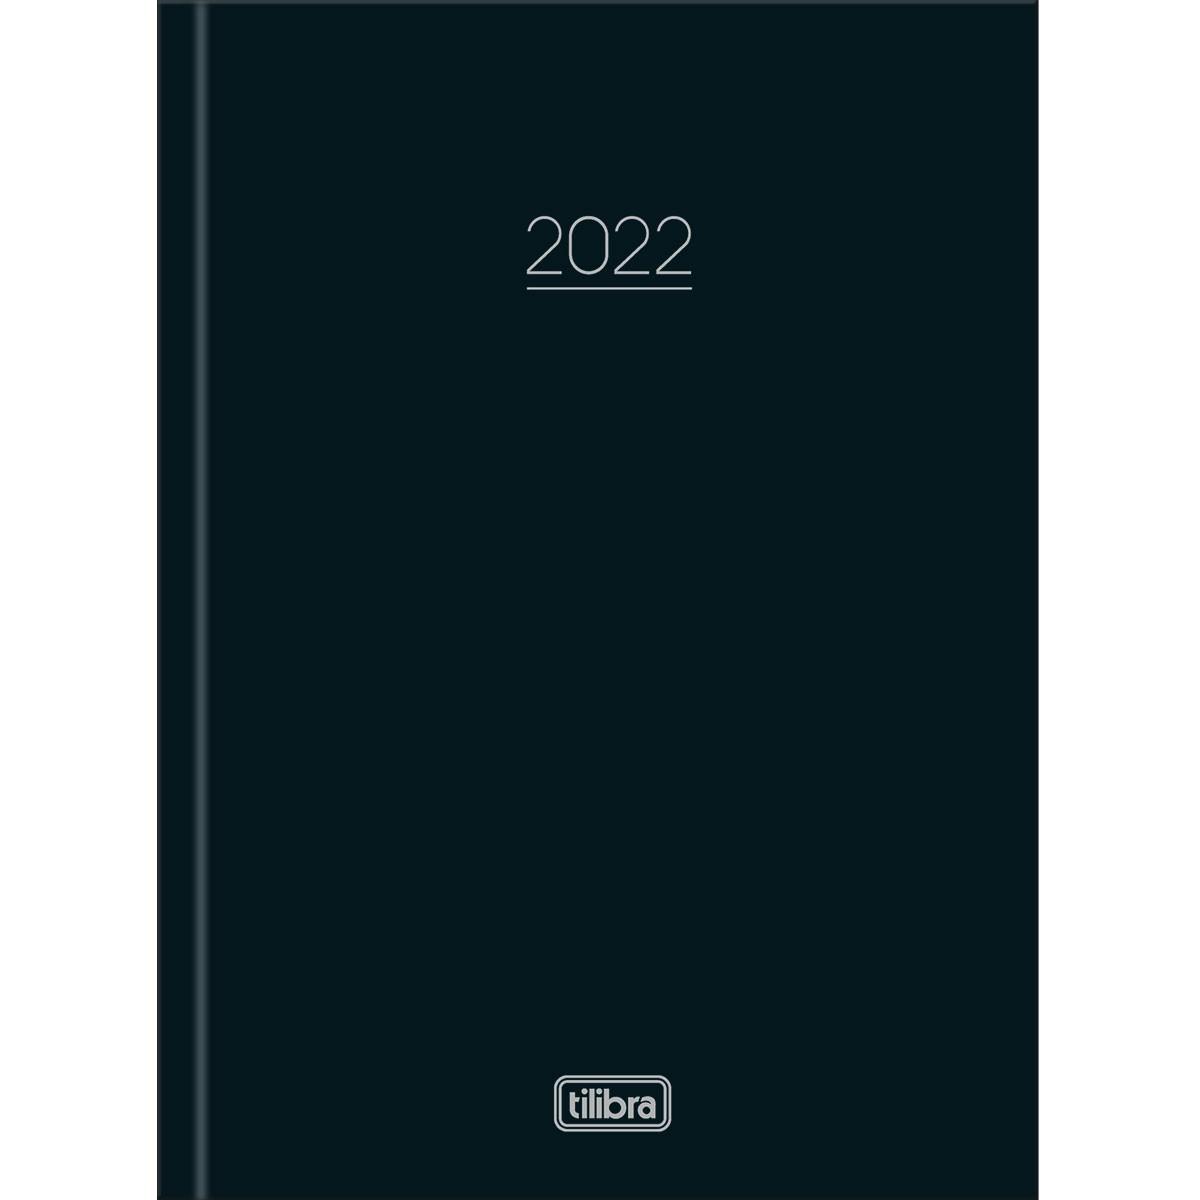 Agenda Costurada Diária Pepper Preto 2022